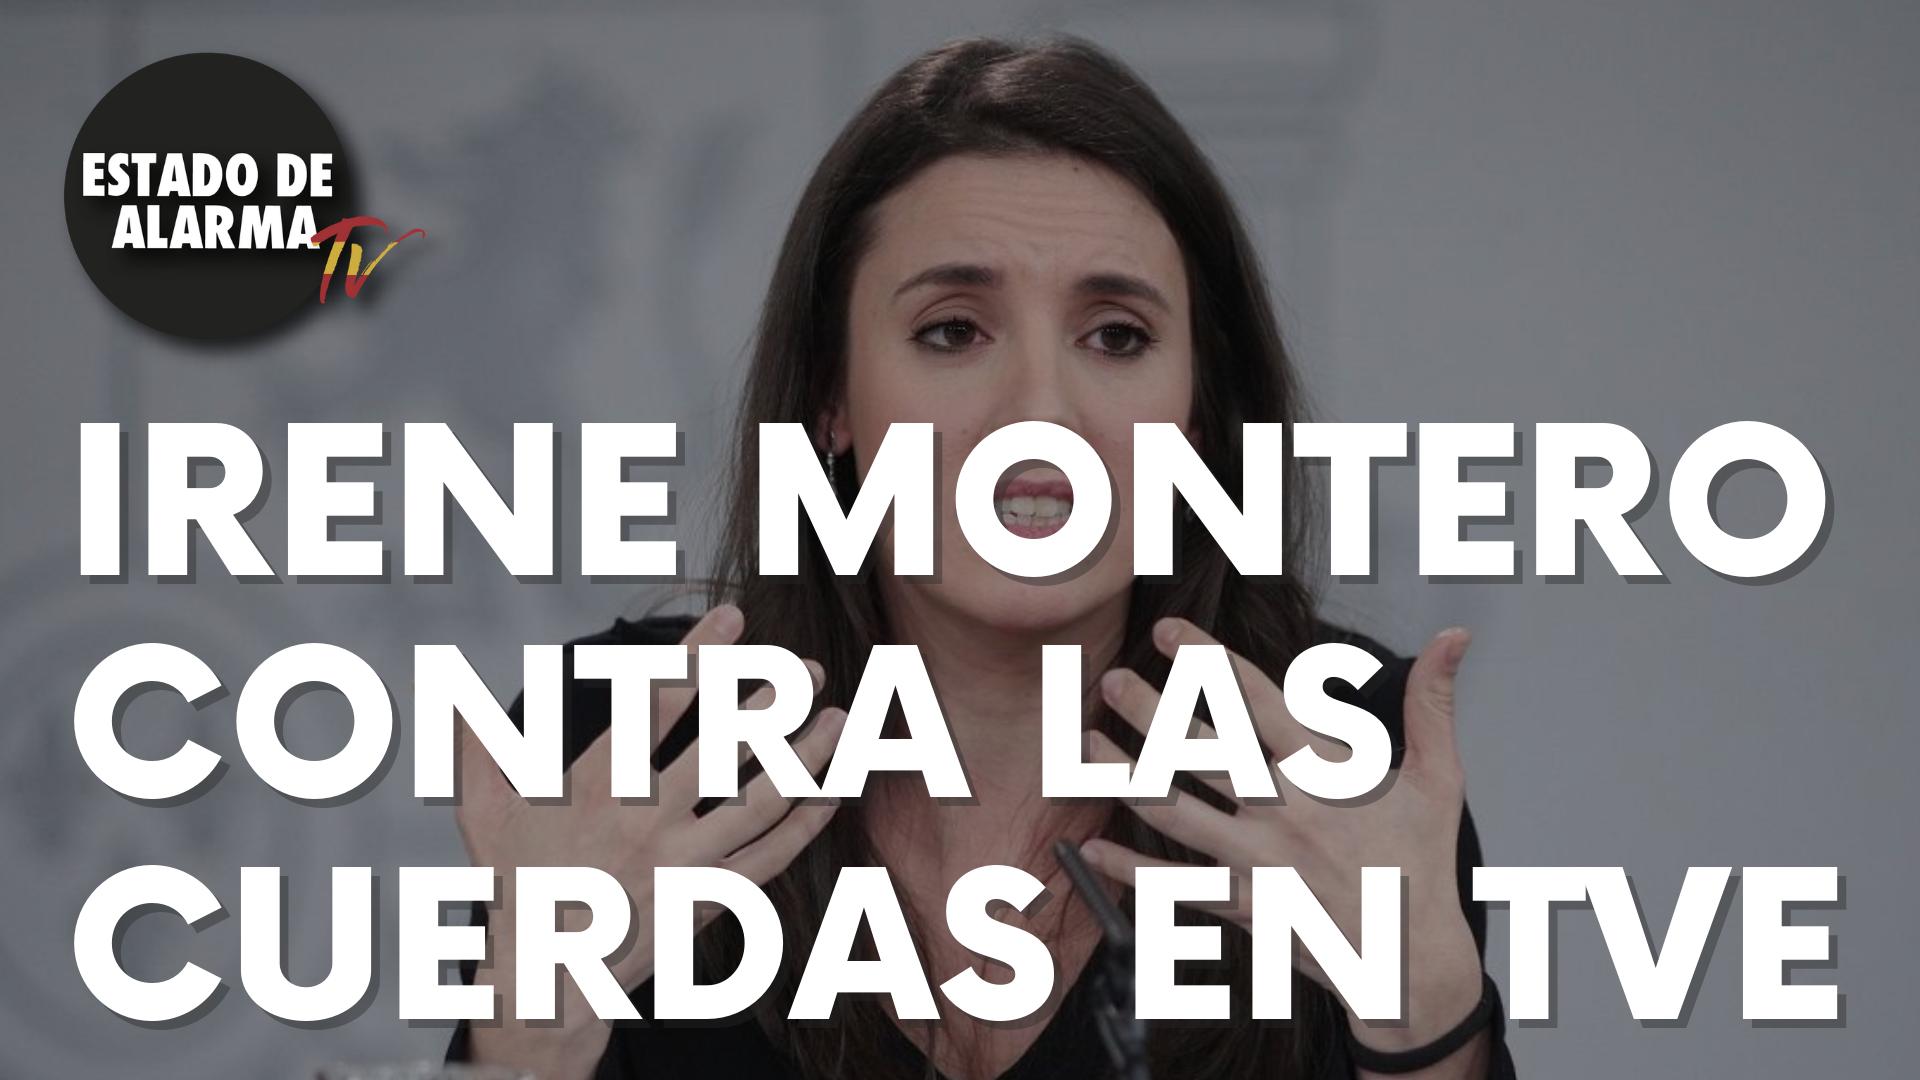 Una tertuliana pone a Irene Montero contra las cuerdas en TVE